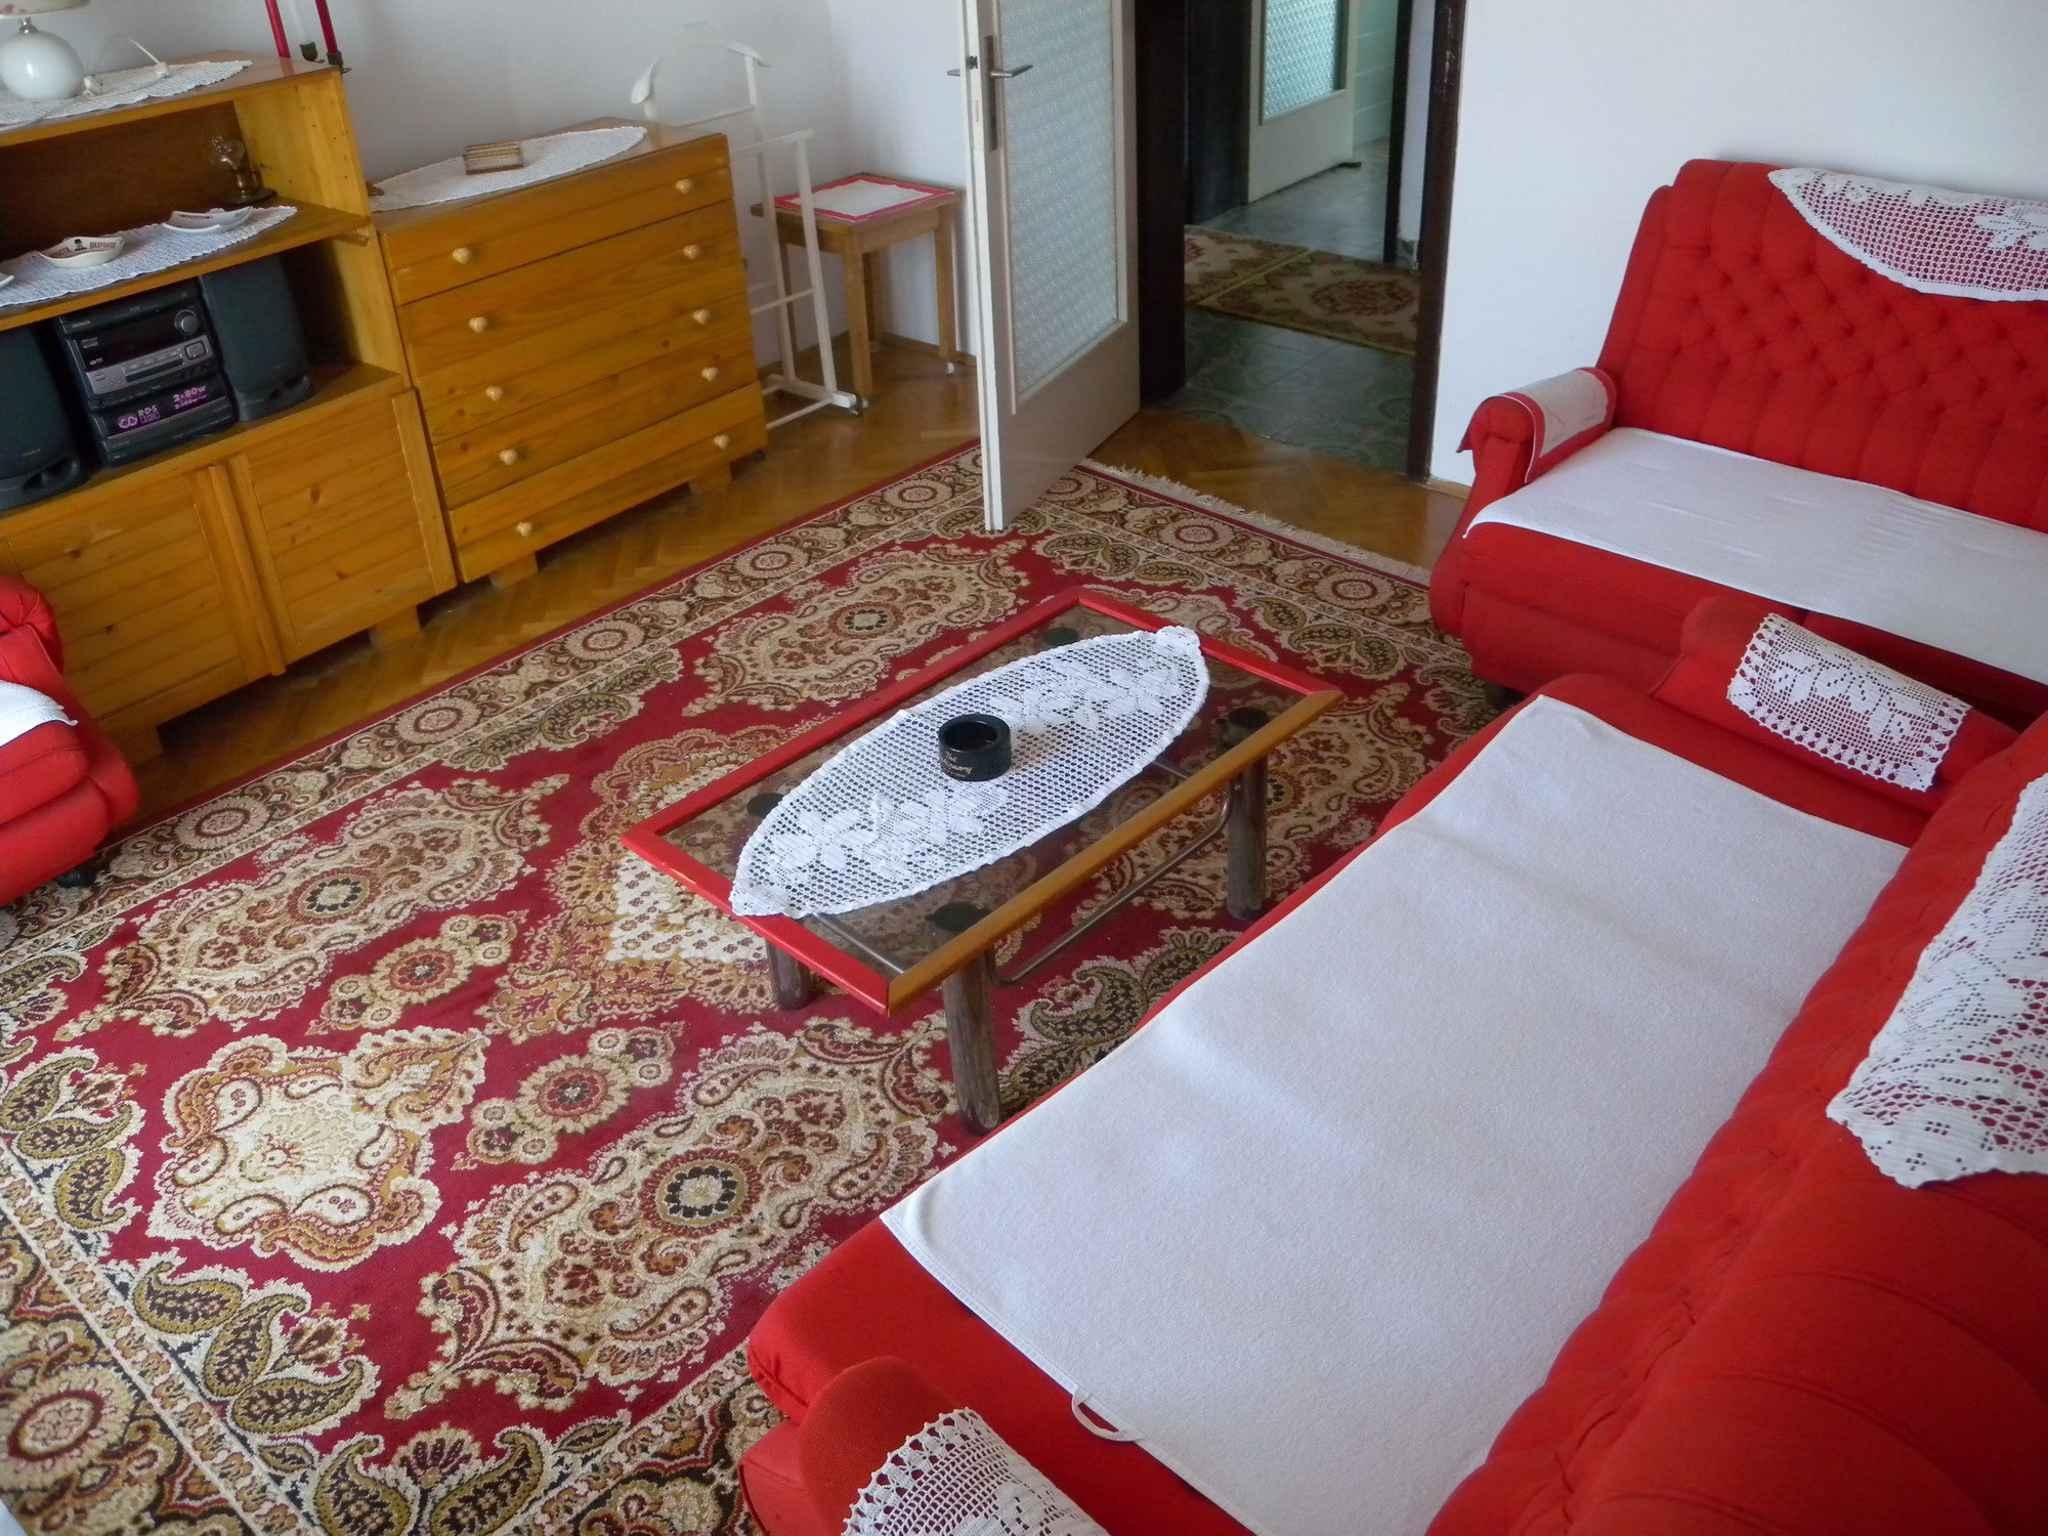 Ferienwohnung in ruhiger Lage mit Blick auf den Brioni Nationalpark (279773), Fažana, , Istrien, Kroatien, Bild 14